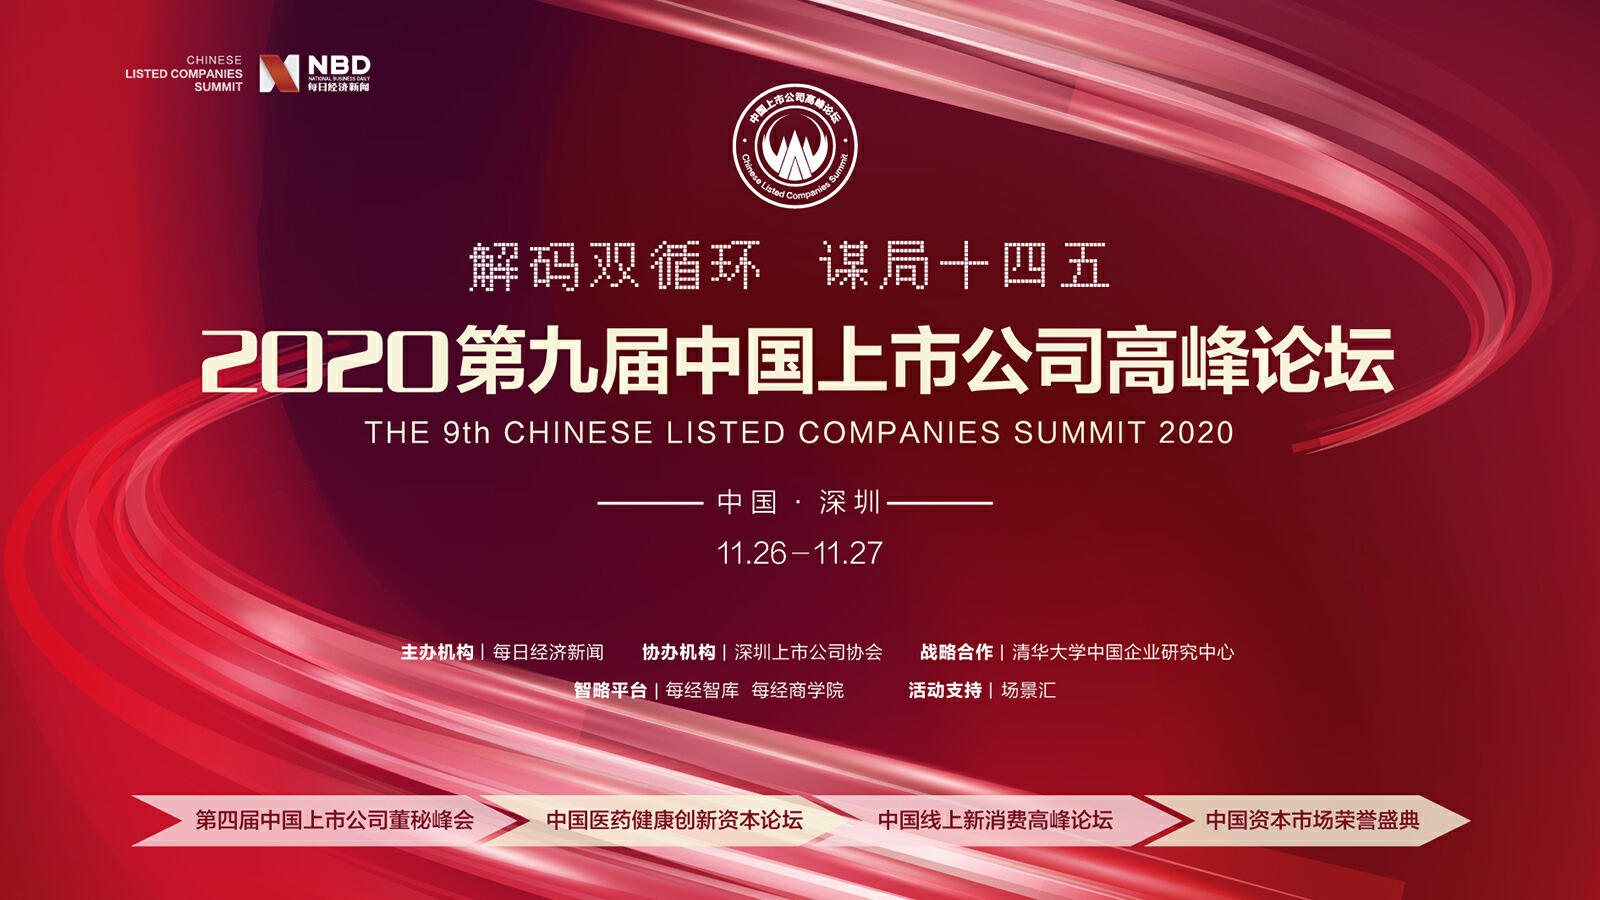 2020第九届中国上市公司高峰论坛